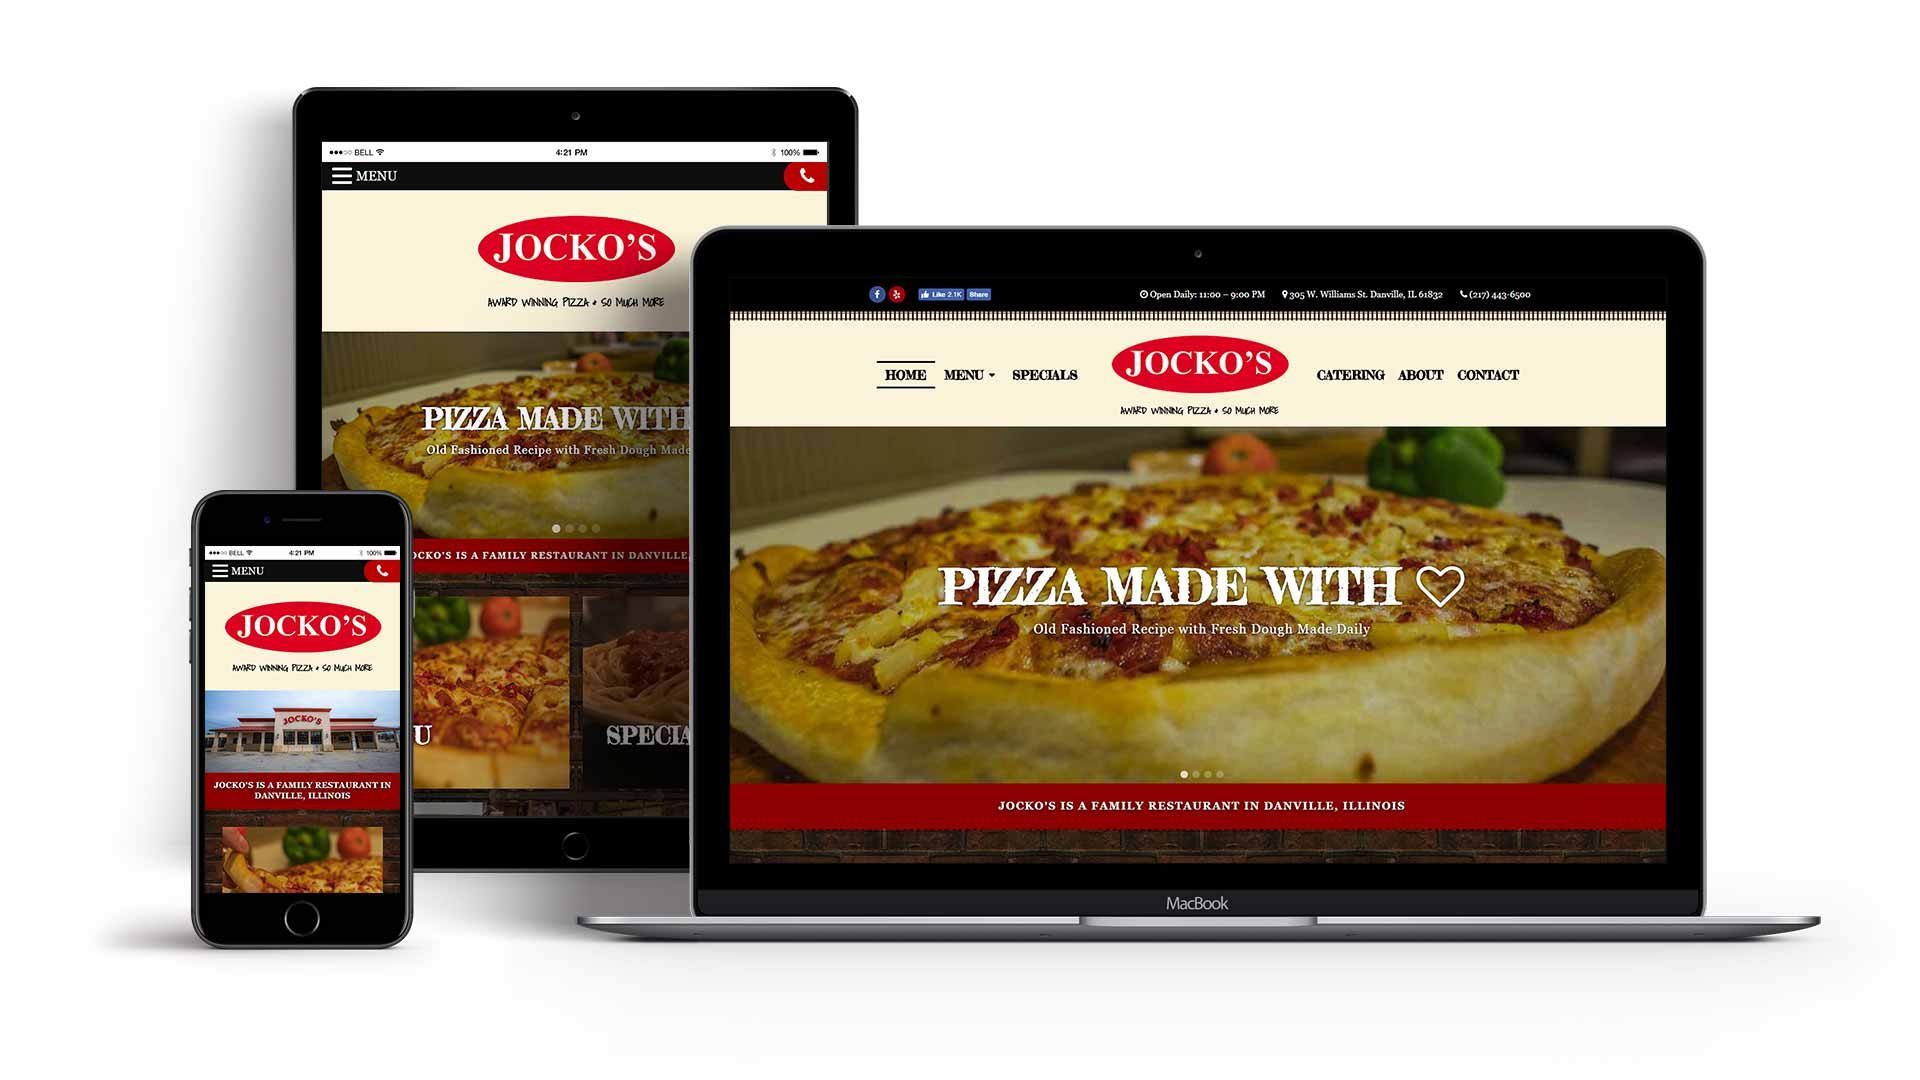 jockos-pizza-website-design